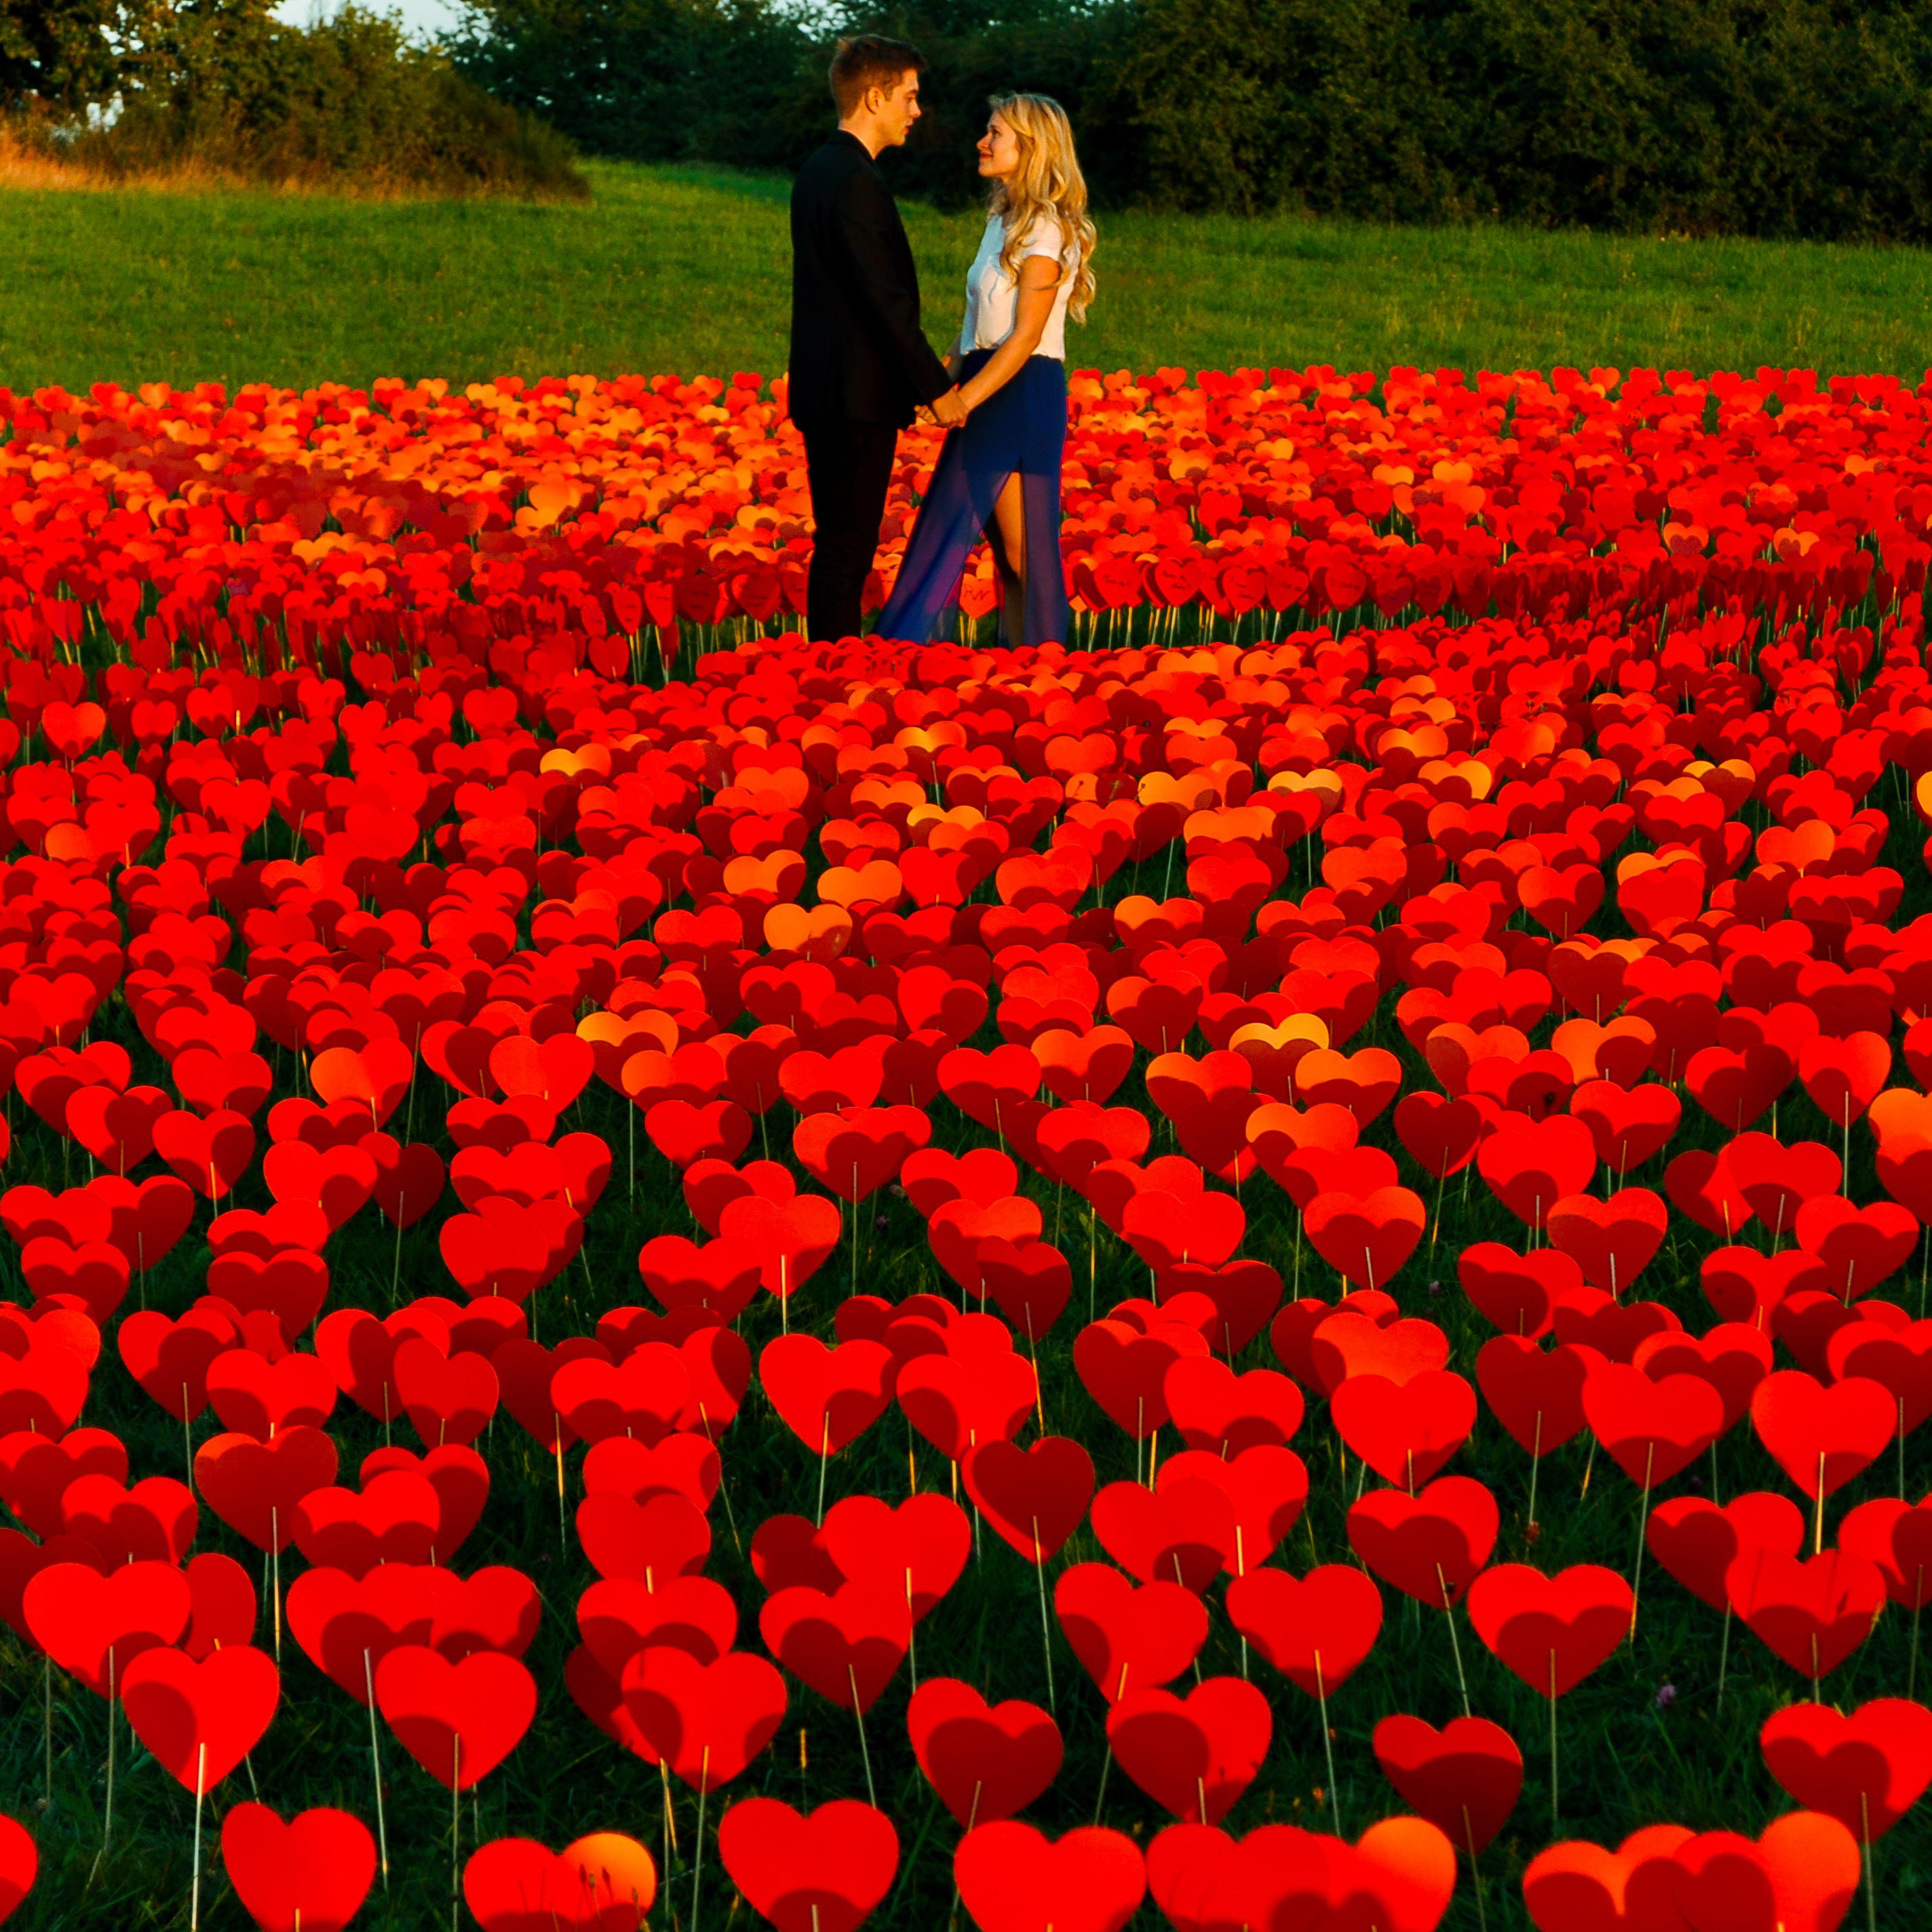 Verlobung 10000 Herzen